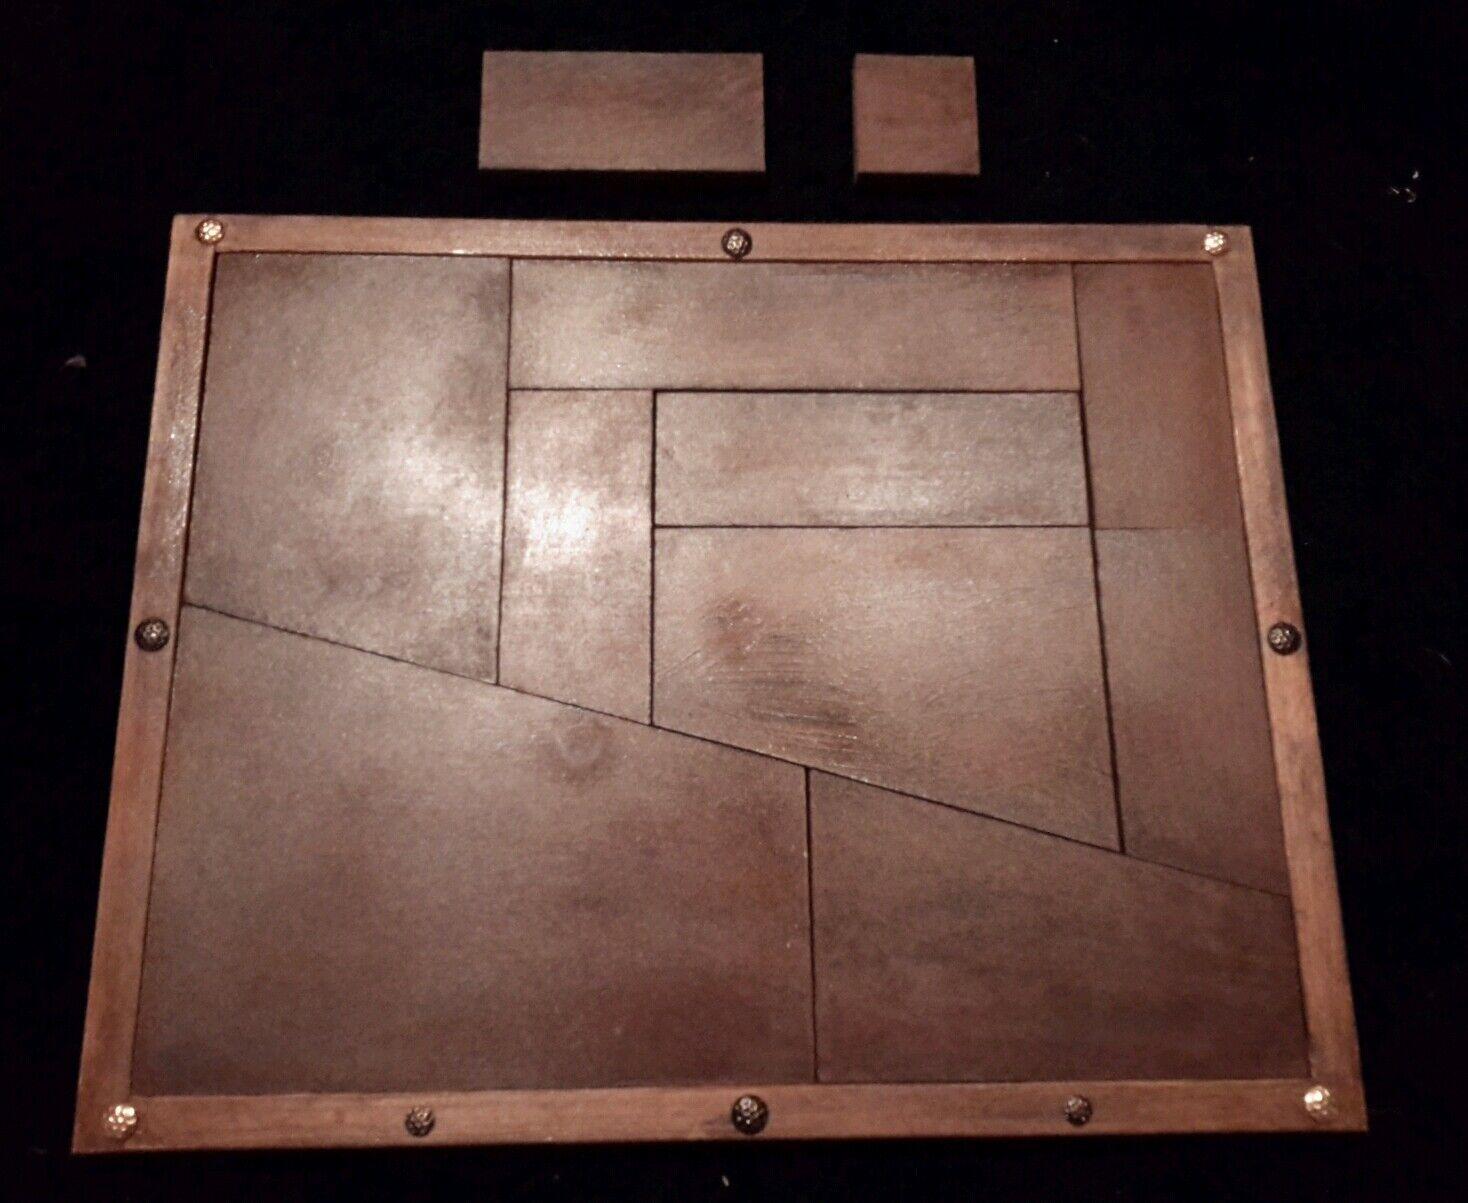 Mittelalter Antik Magic, Puzzel, Puzzle Straßenzauberei' ändert nie die Größe.